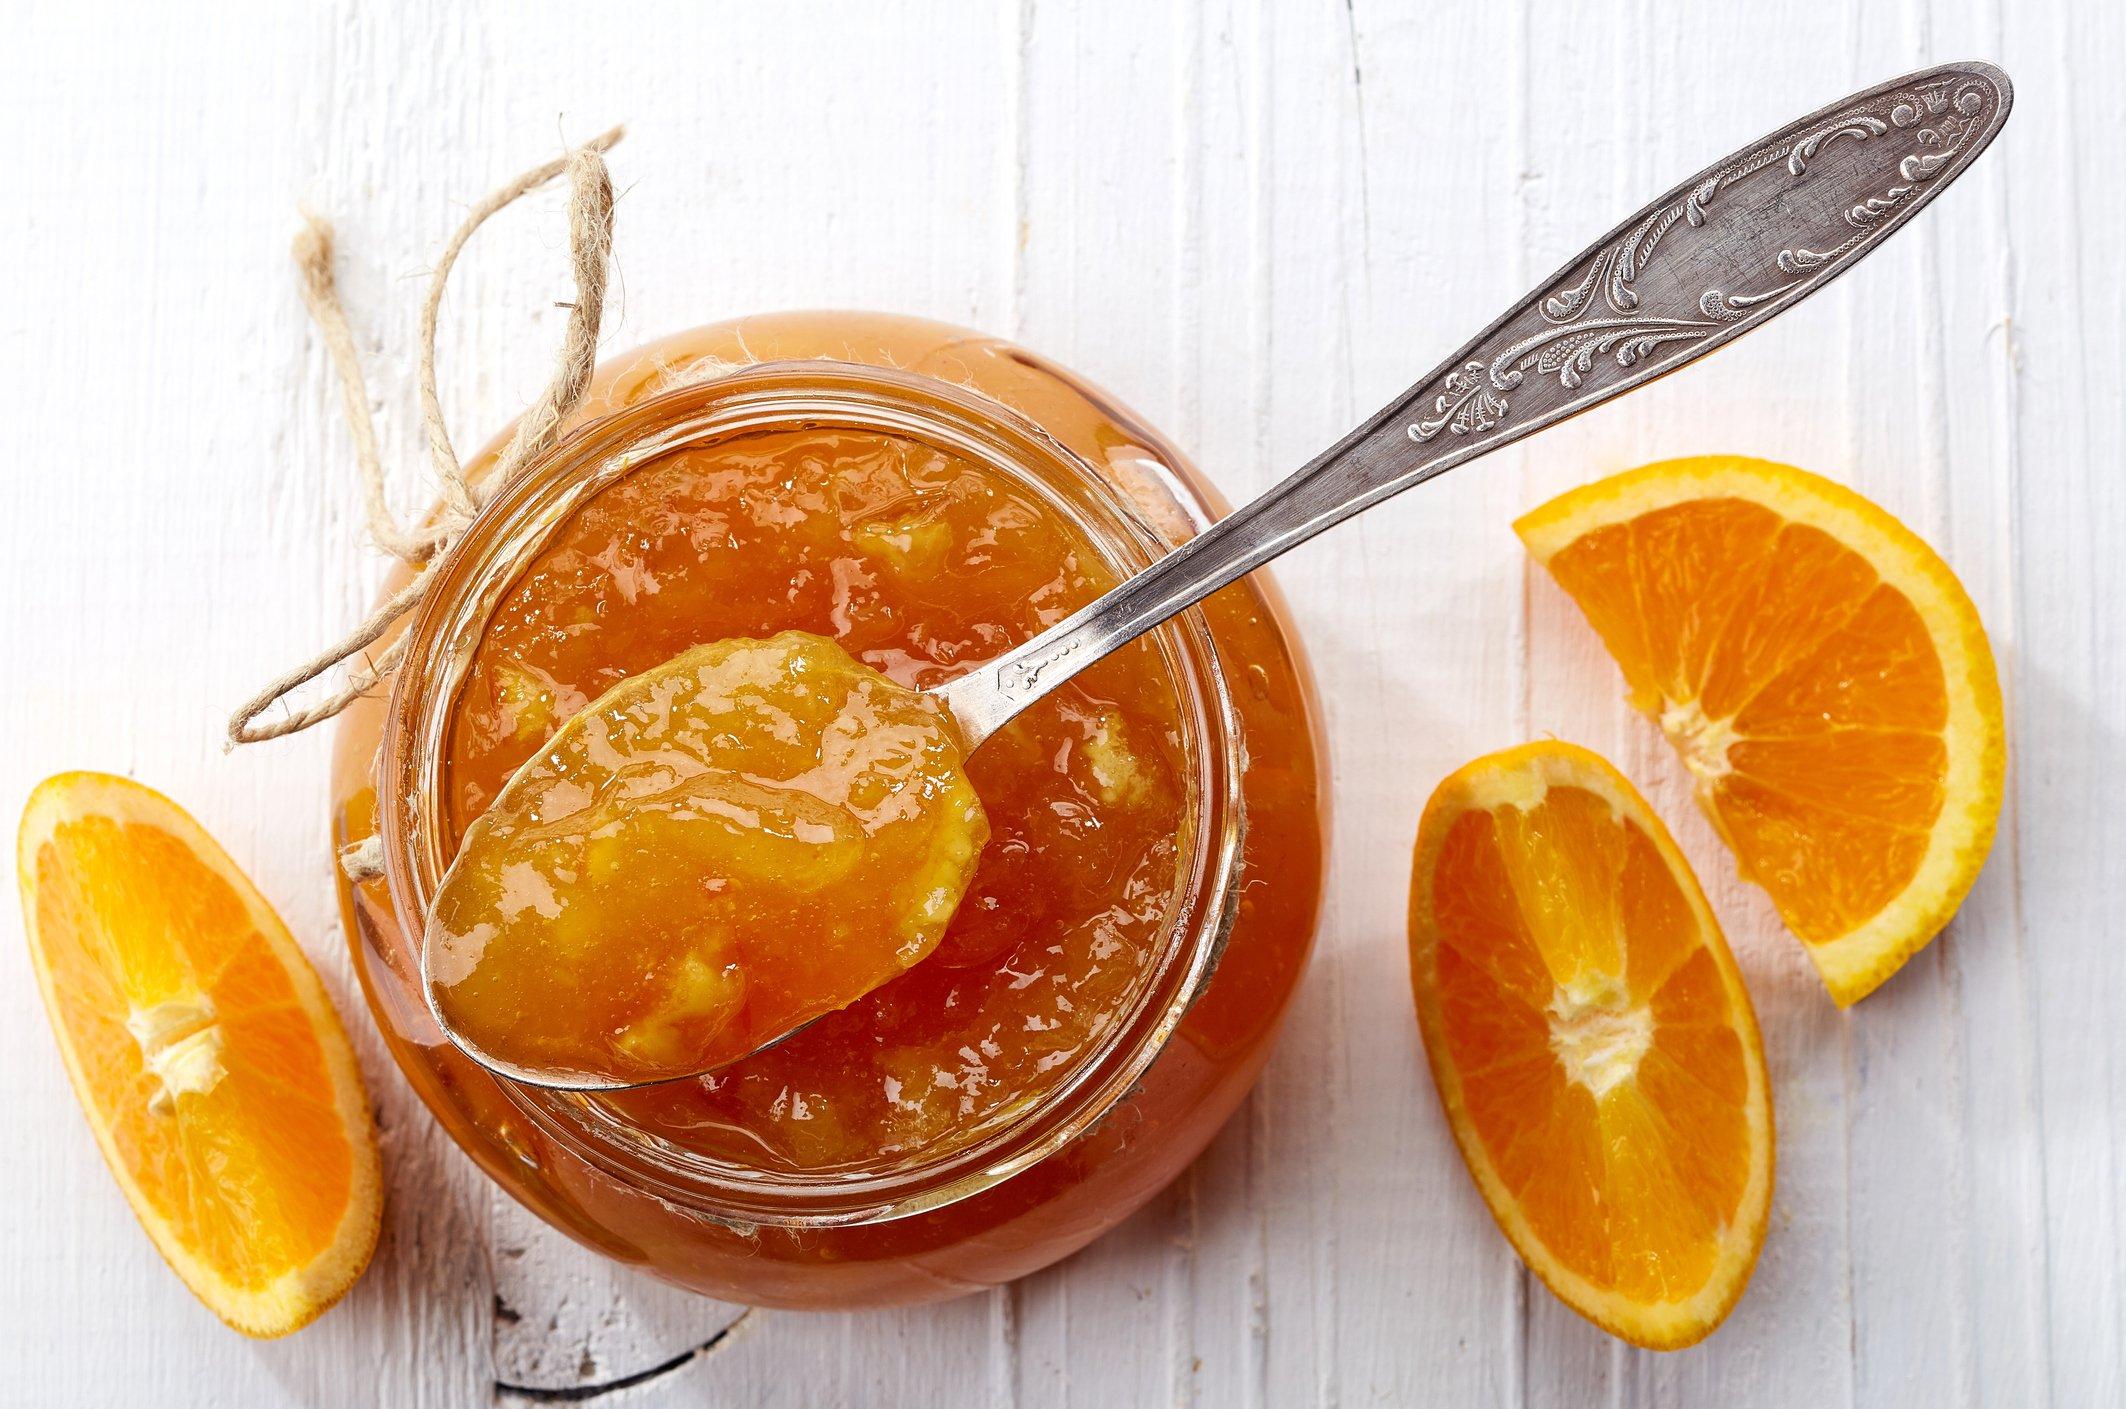 Essayez d'ajouter quelques citrons à votre marmelade d'orange pour un peu de saveur supplémentaire. (Photo iStock)